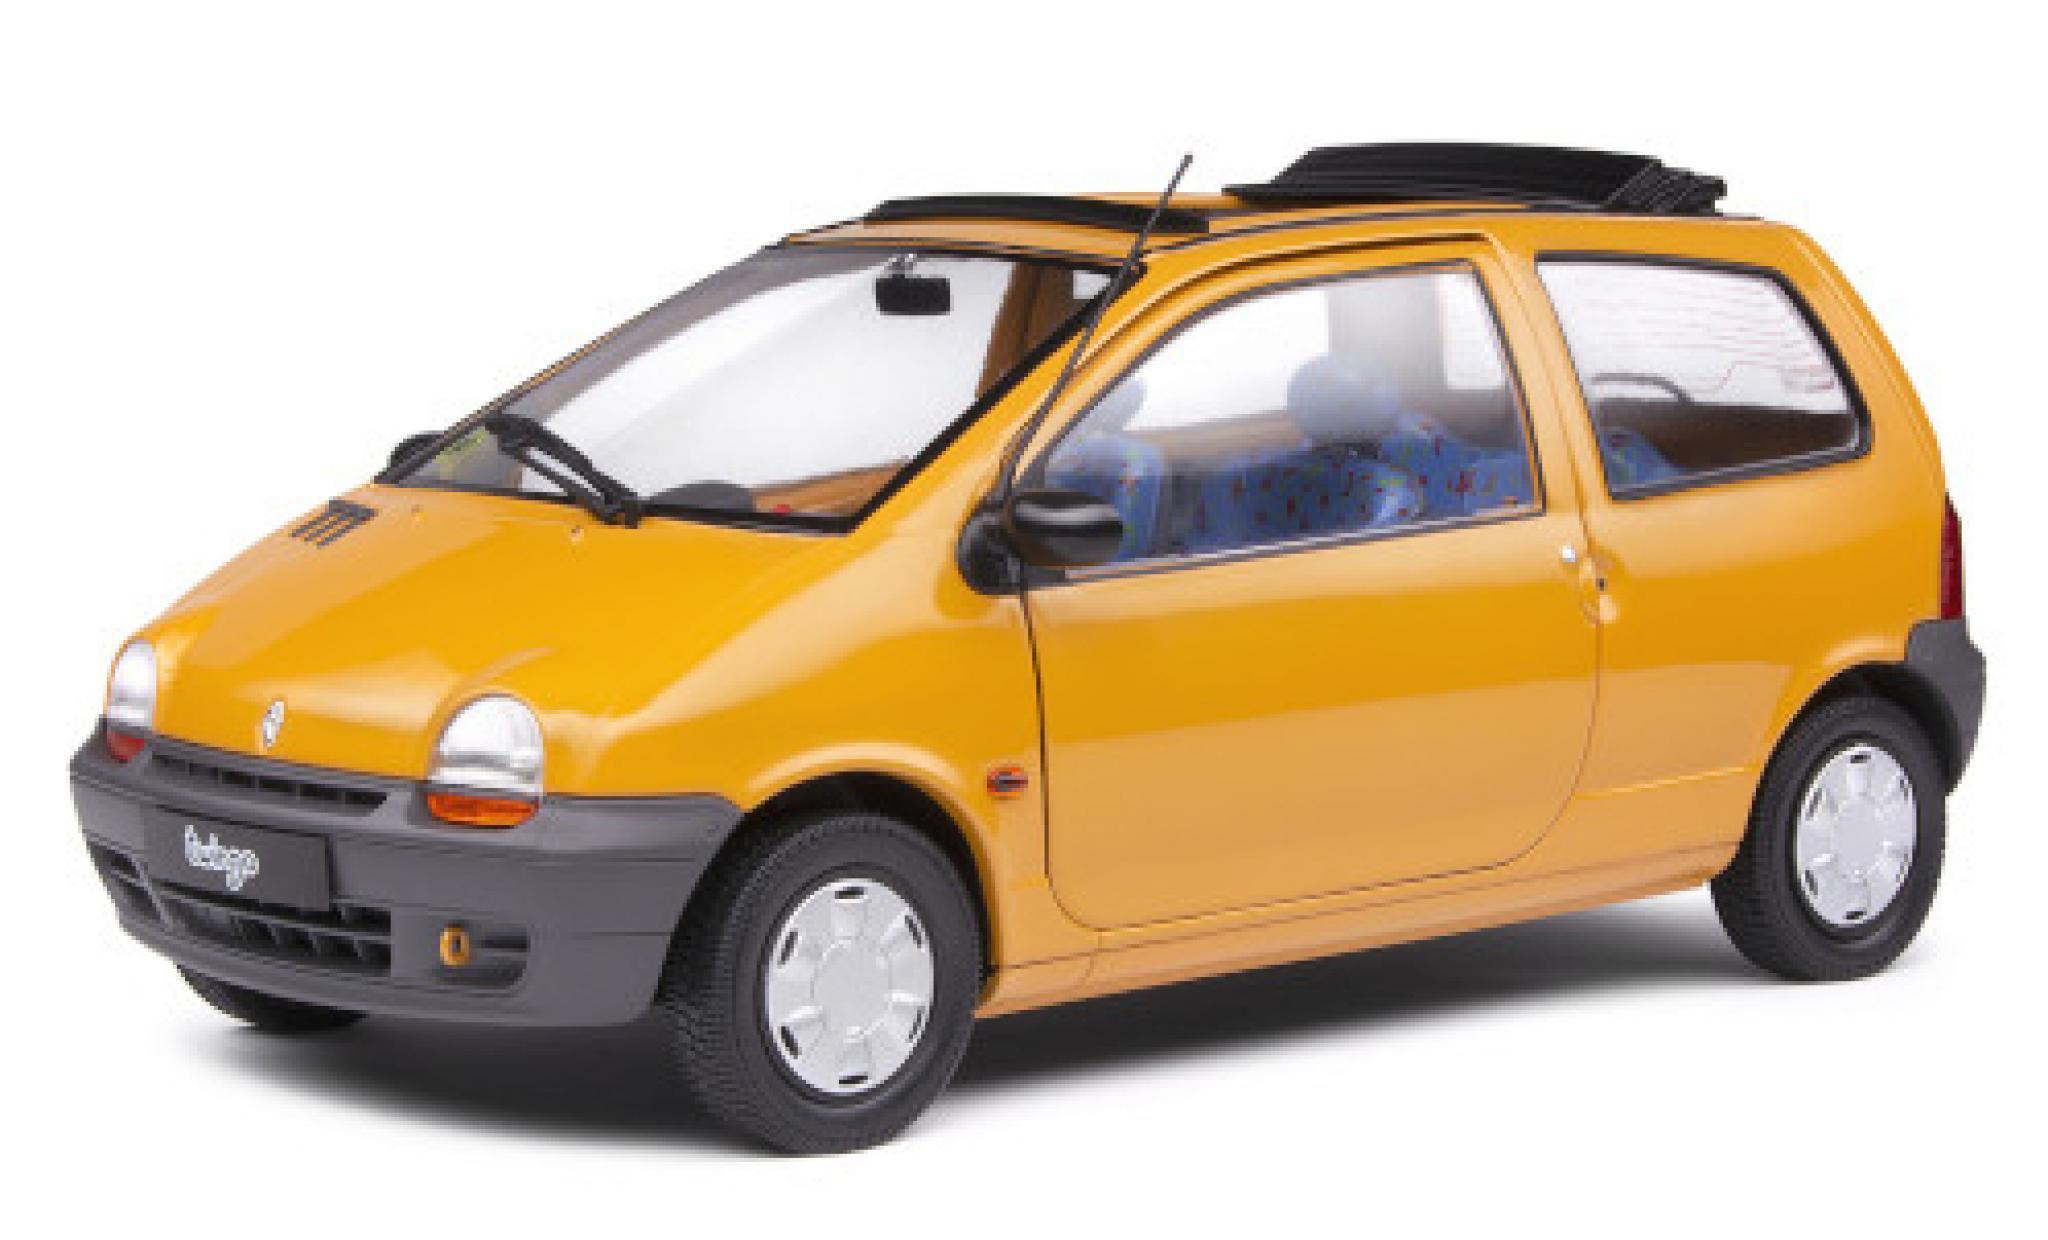 Renault Twingo 1/18 Solido MkI Open Air jaune 1993 avec ouverts/es toit rabattable